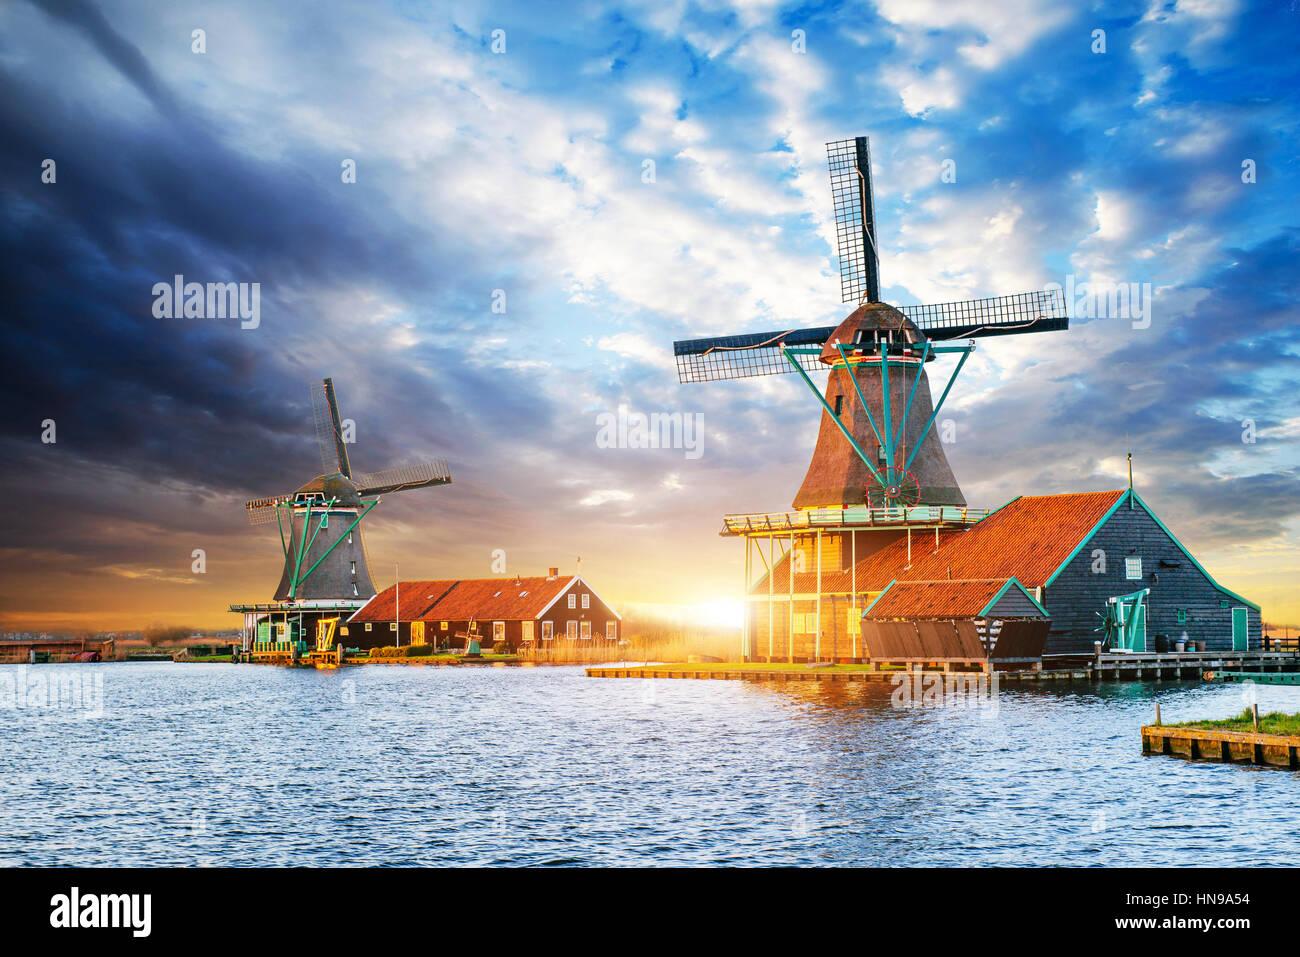 Les cumulus sur coucher de soleil sur les moulins à vent néerlandais à Rotterdam. Neth Photo Stock